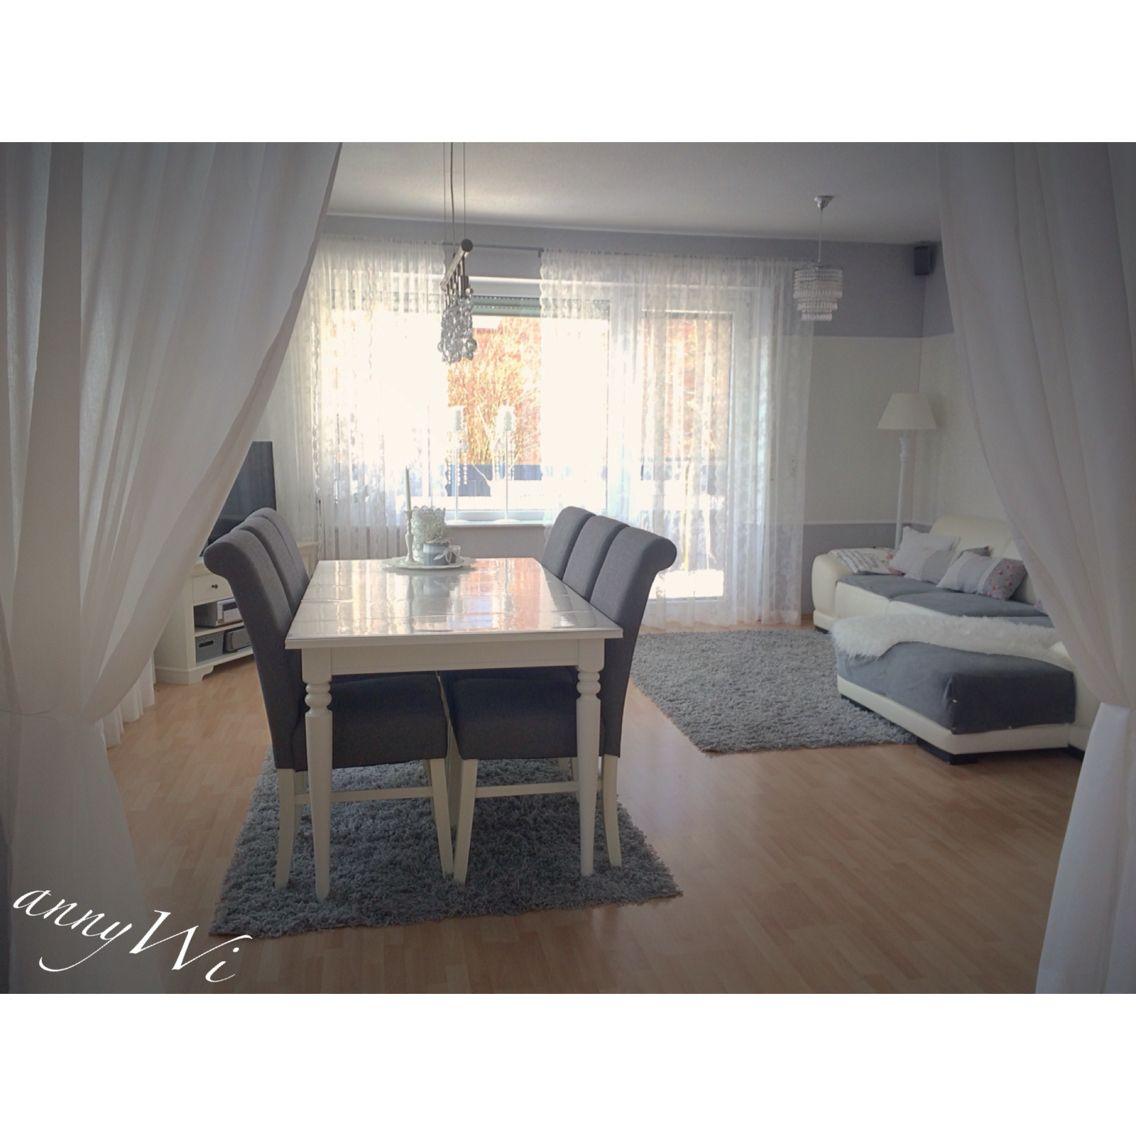 Home haus wohnzimmer esszimmer livingroom annywi shabby for Deko wohnzimmer esszimmer